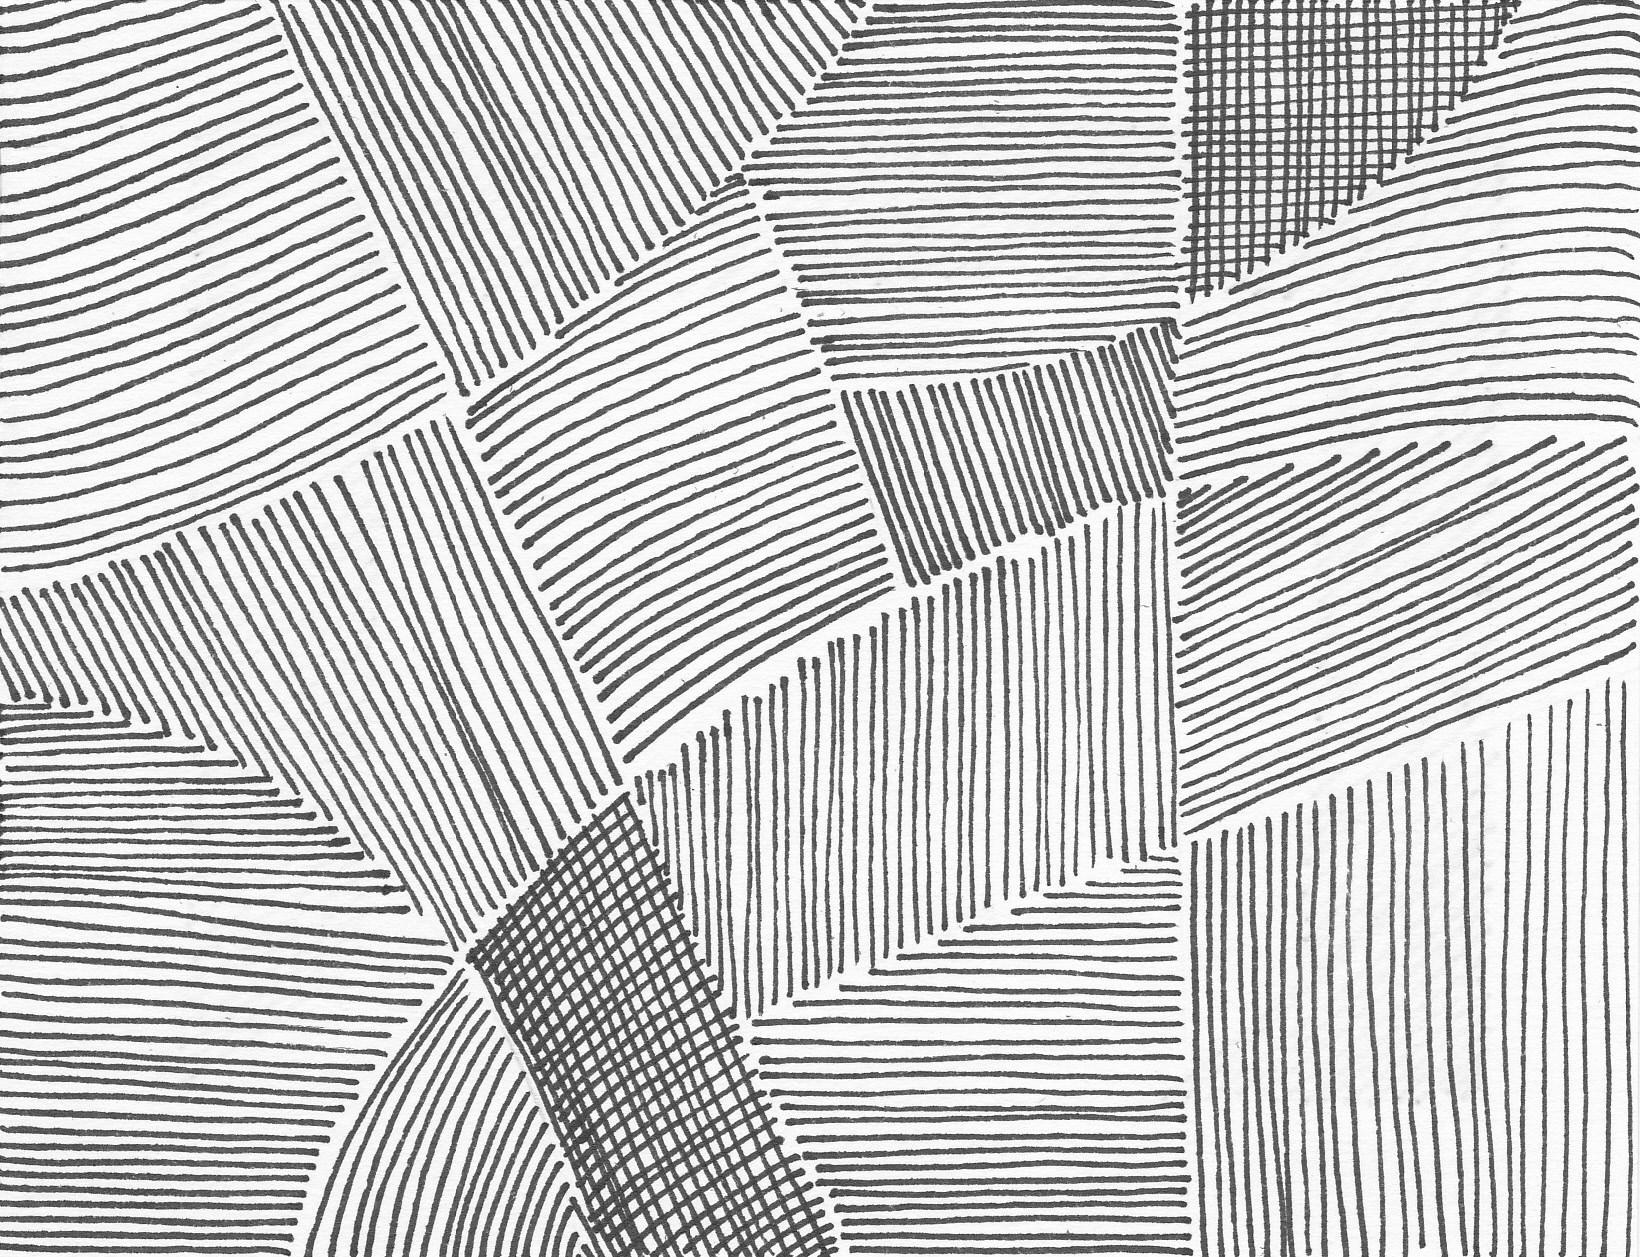 27 4 Line Drawings